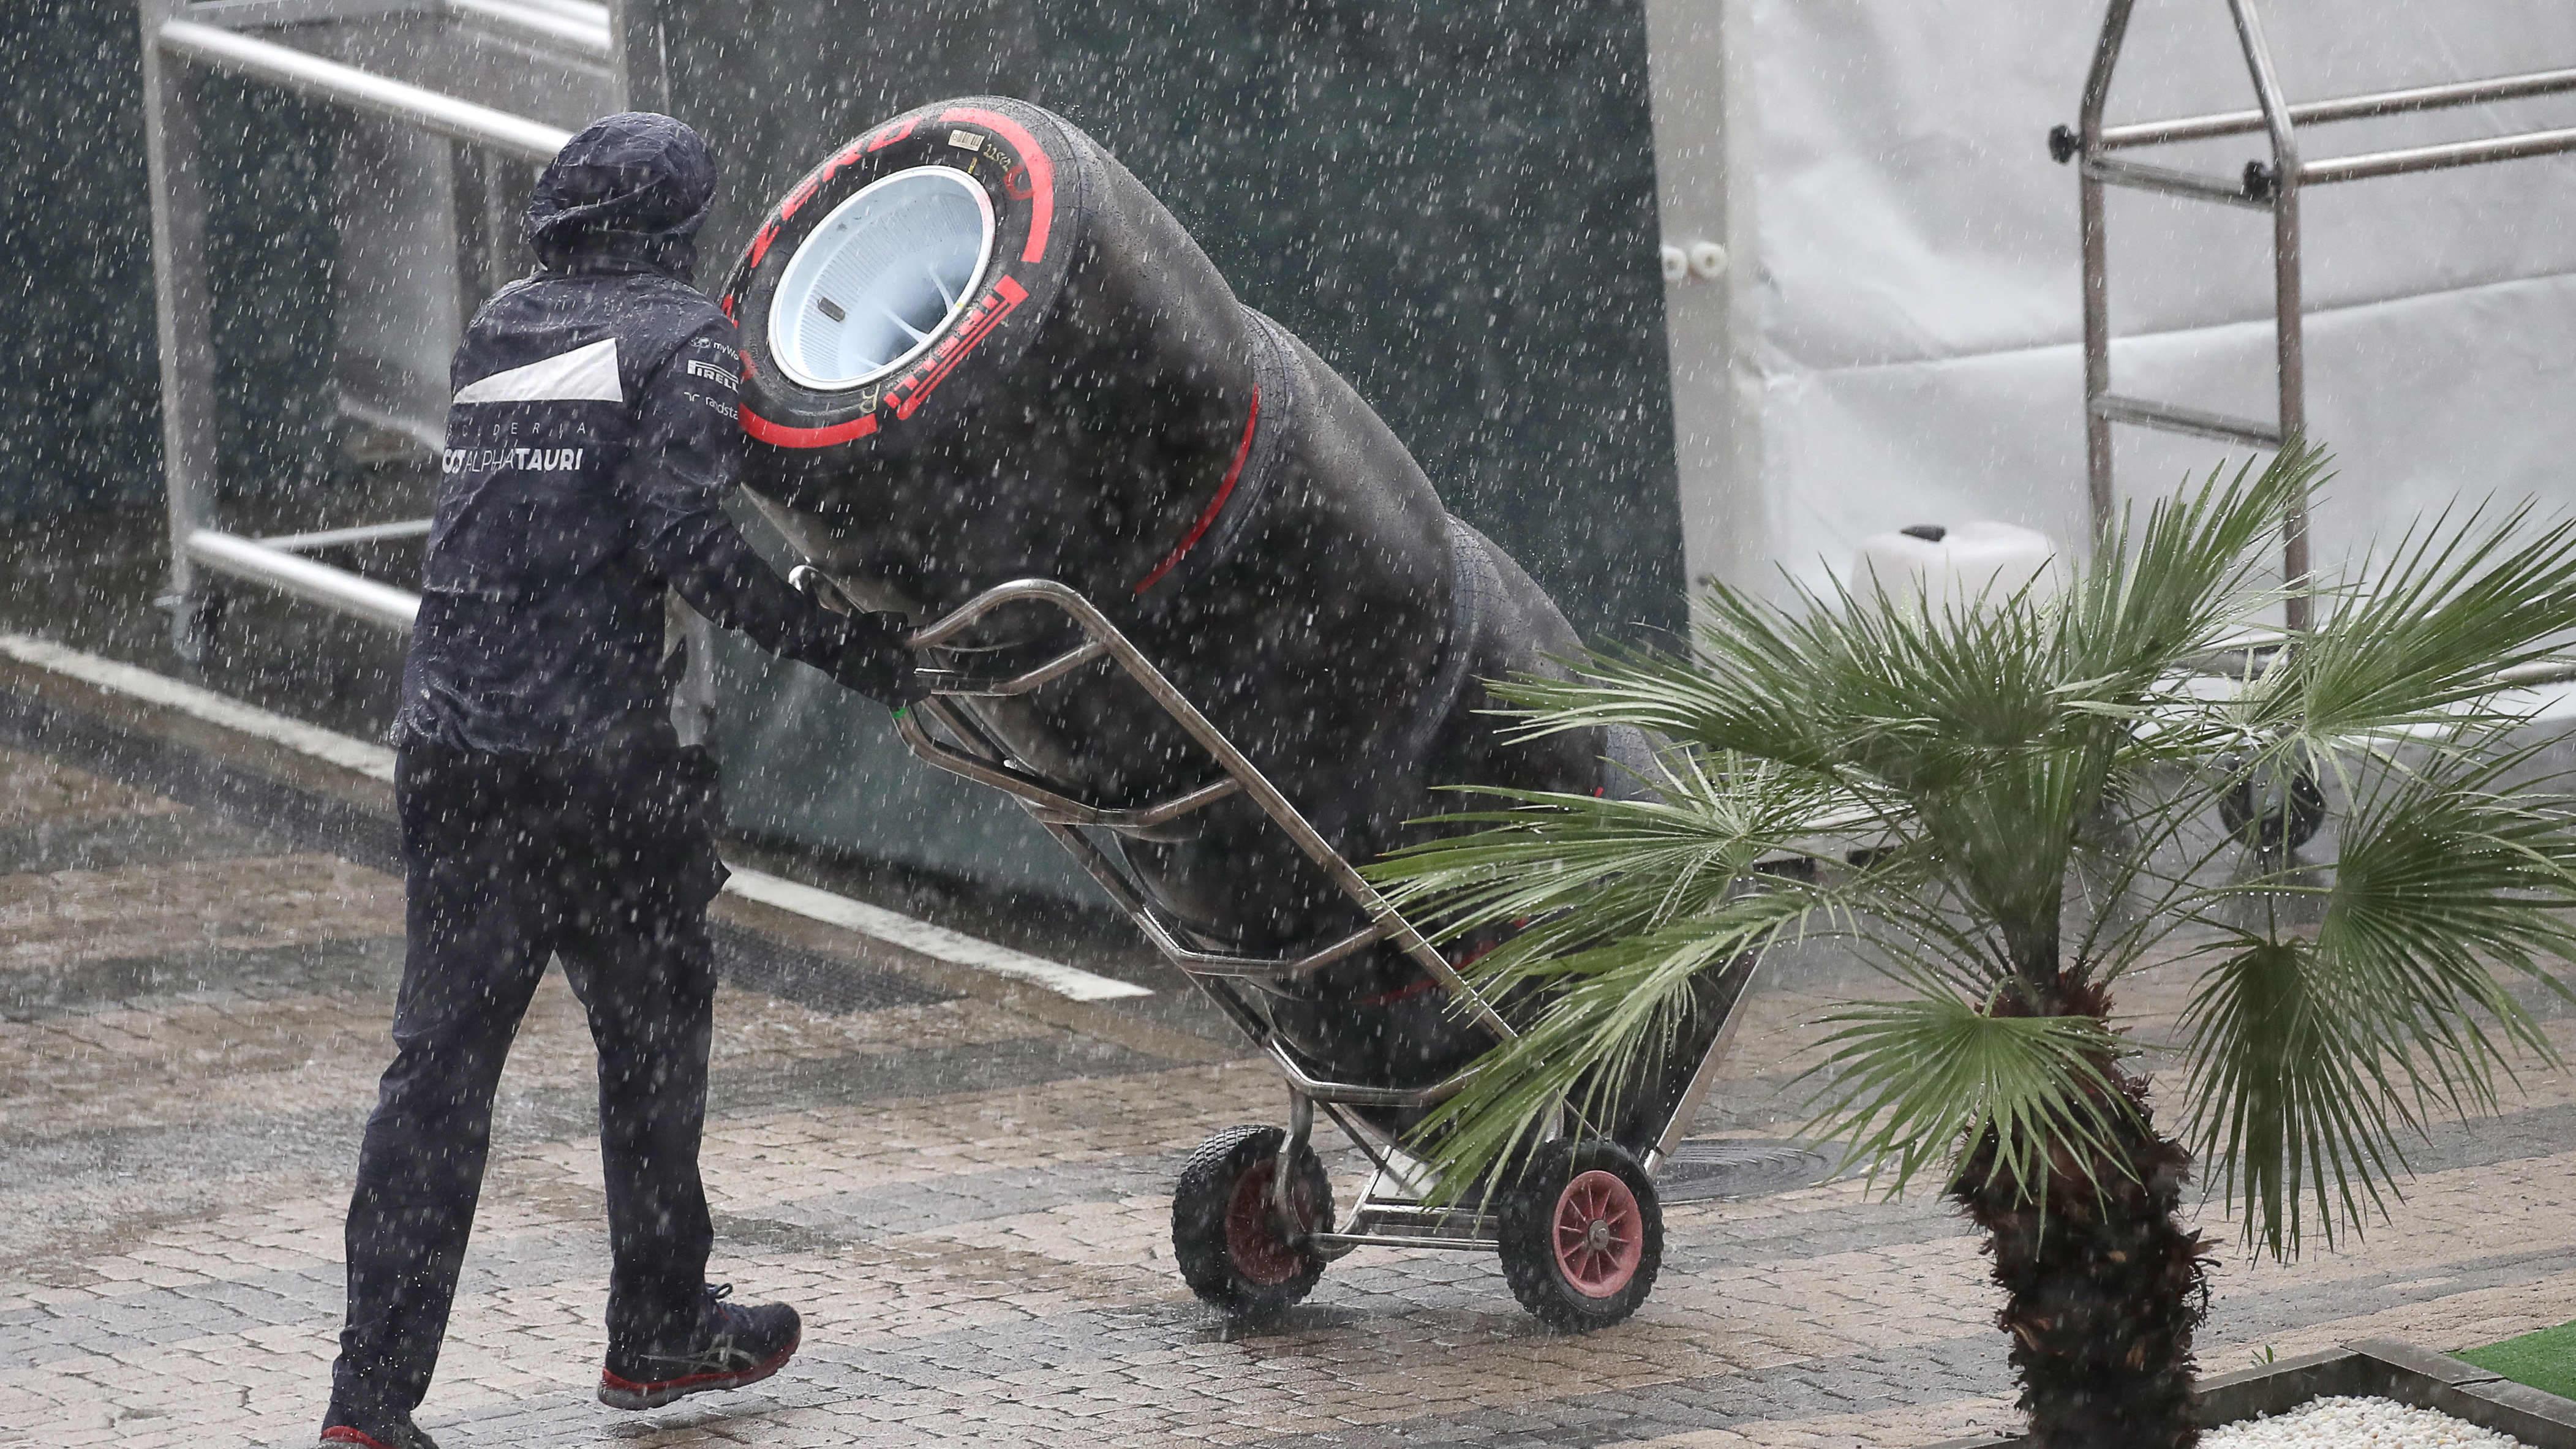 Venäjän GP:n aika-ajot ovat vaarassa rankkasateen vuoksi.